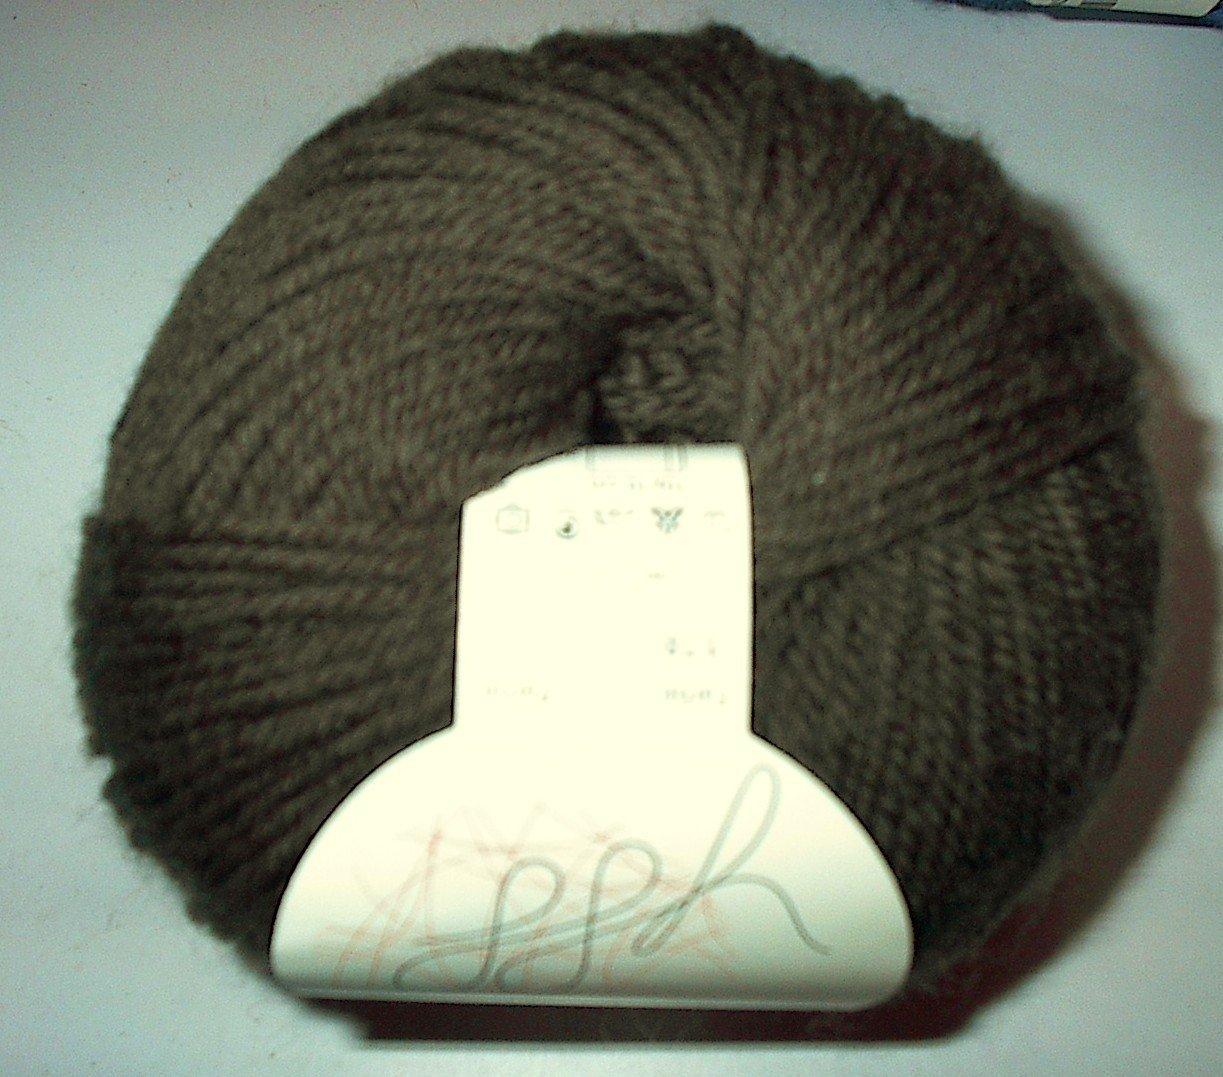 GGH Muench Wollywasch Superwash Wool Yarn 178 Green Loom Knit Crochet